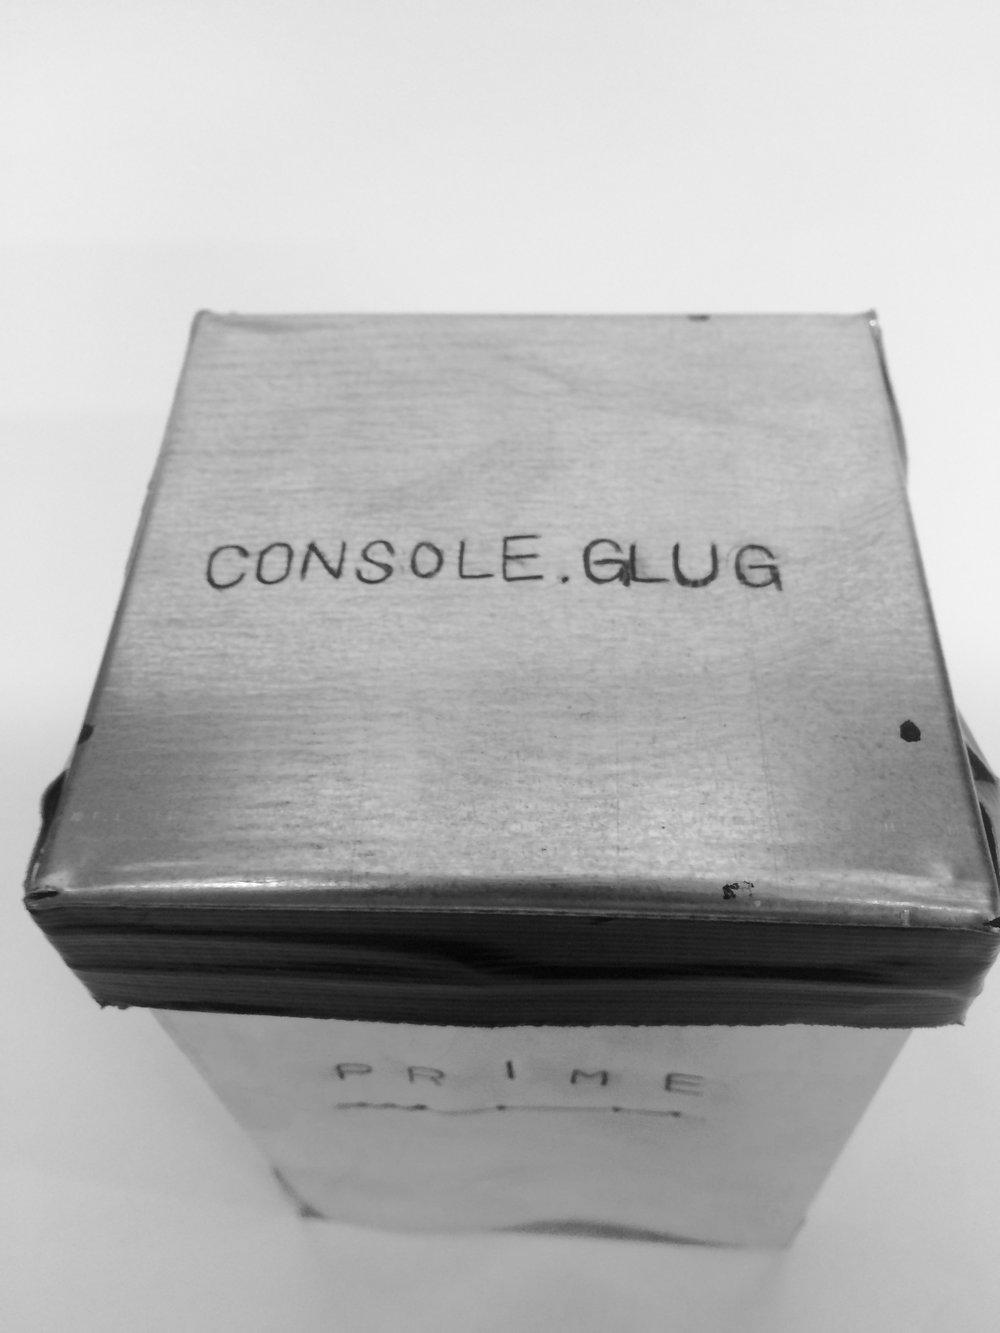 console.glug3.jpg